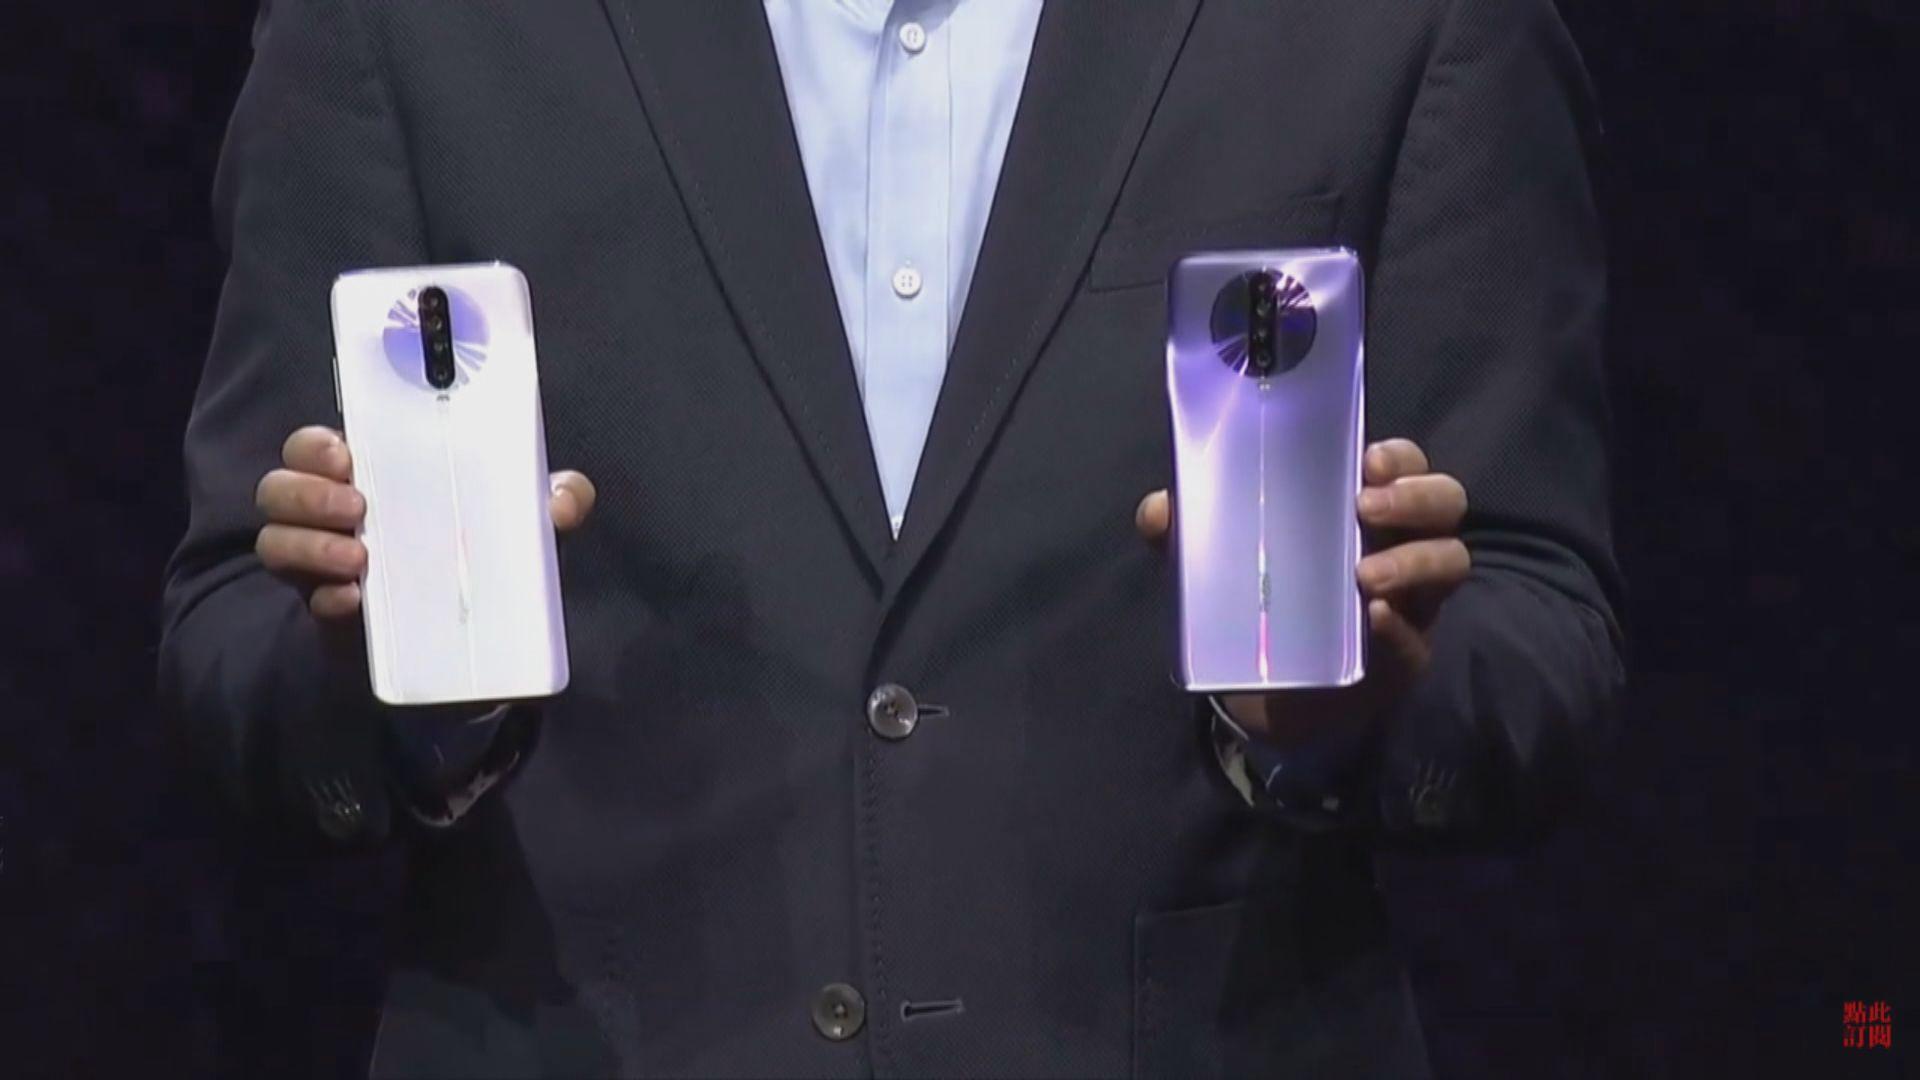 【平價搶客】小米新5G手機最平1999人仔 股價曾升近8%